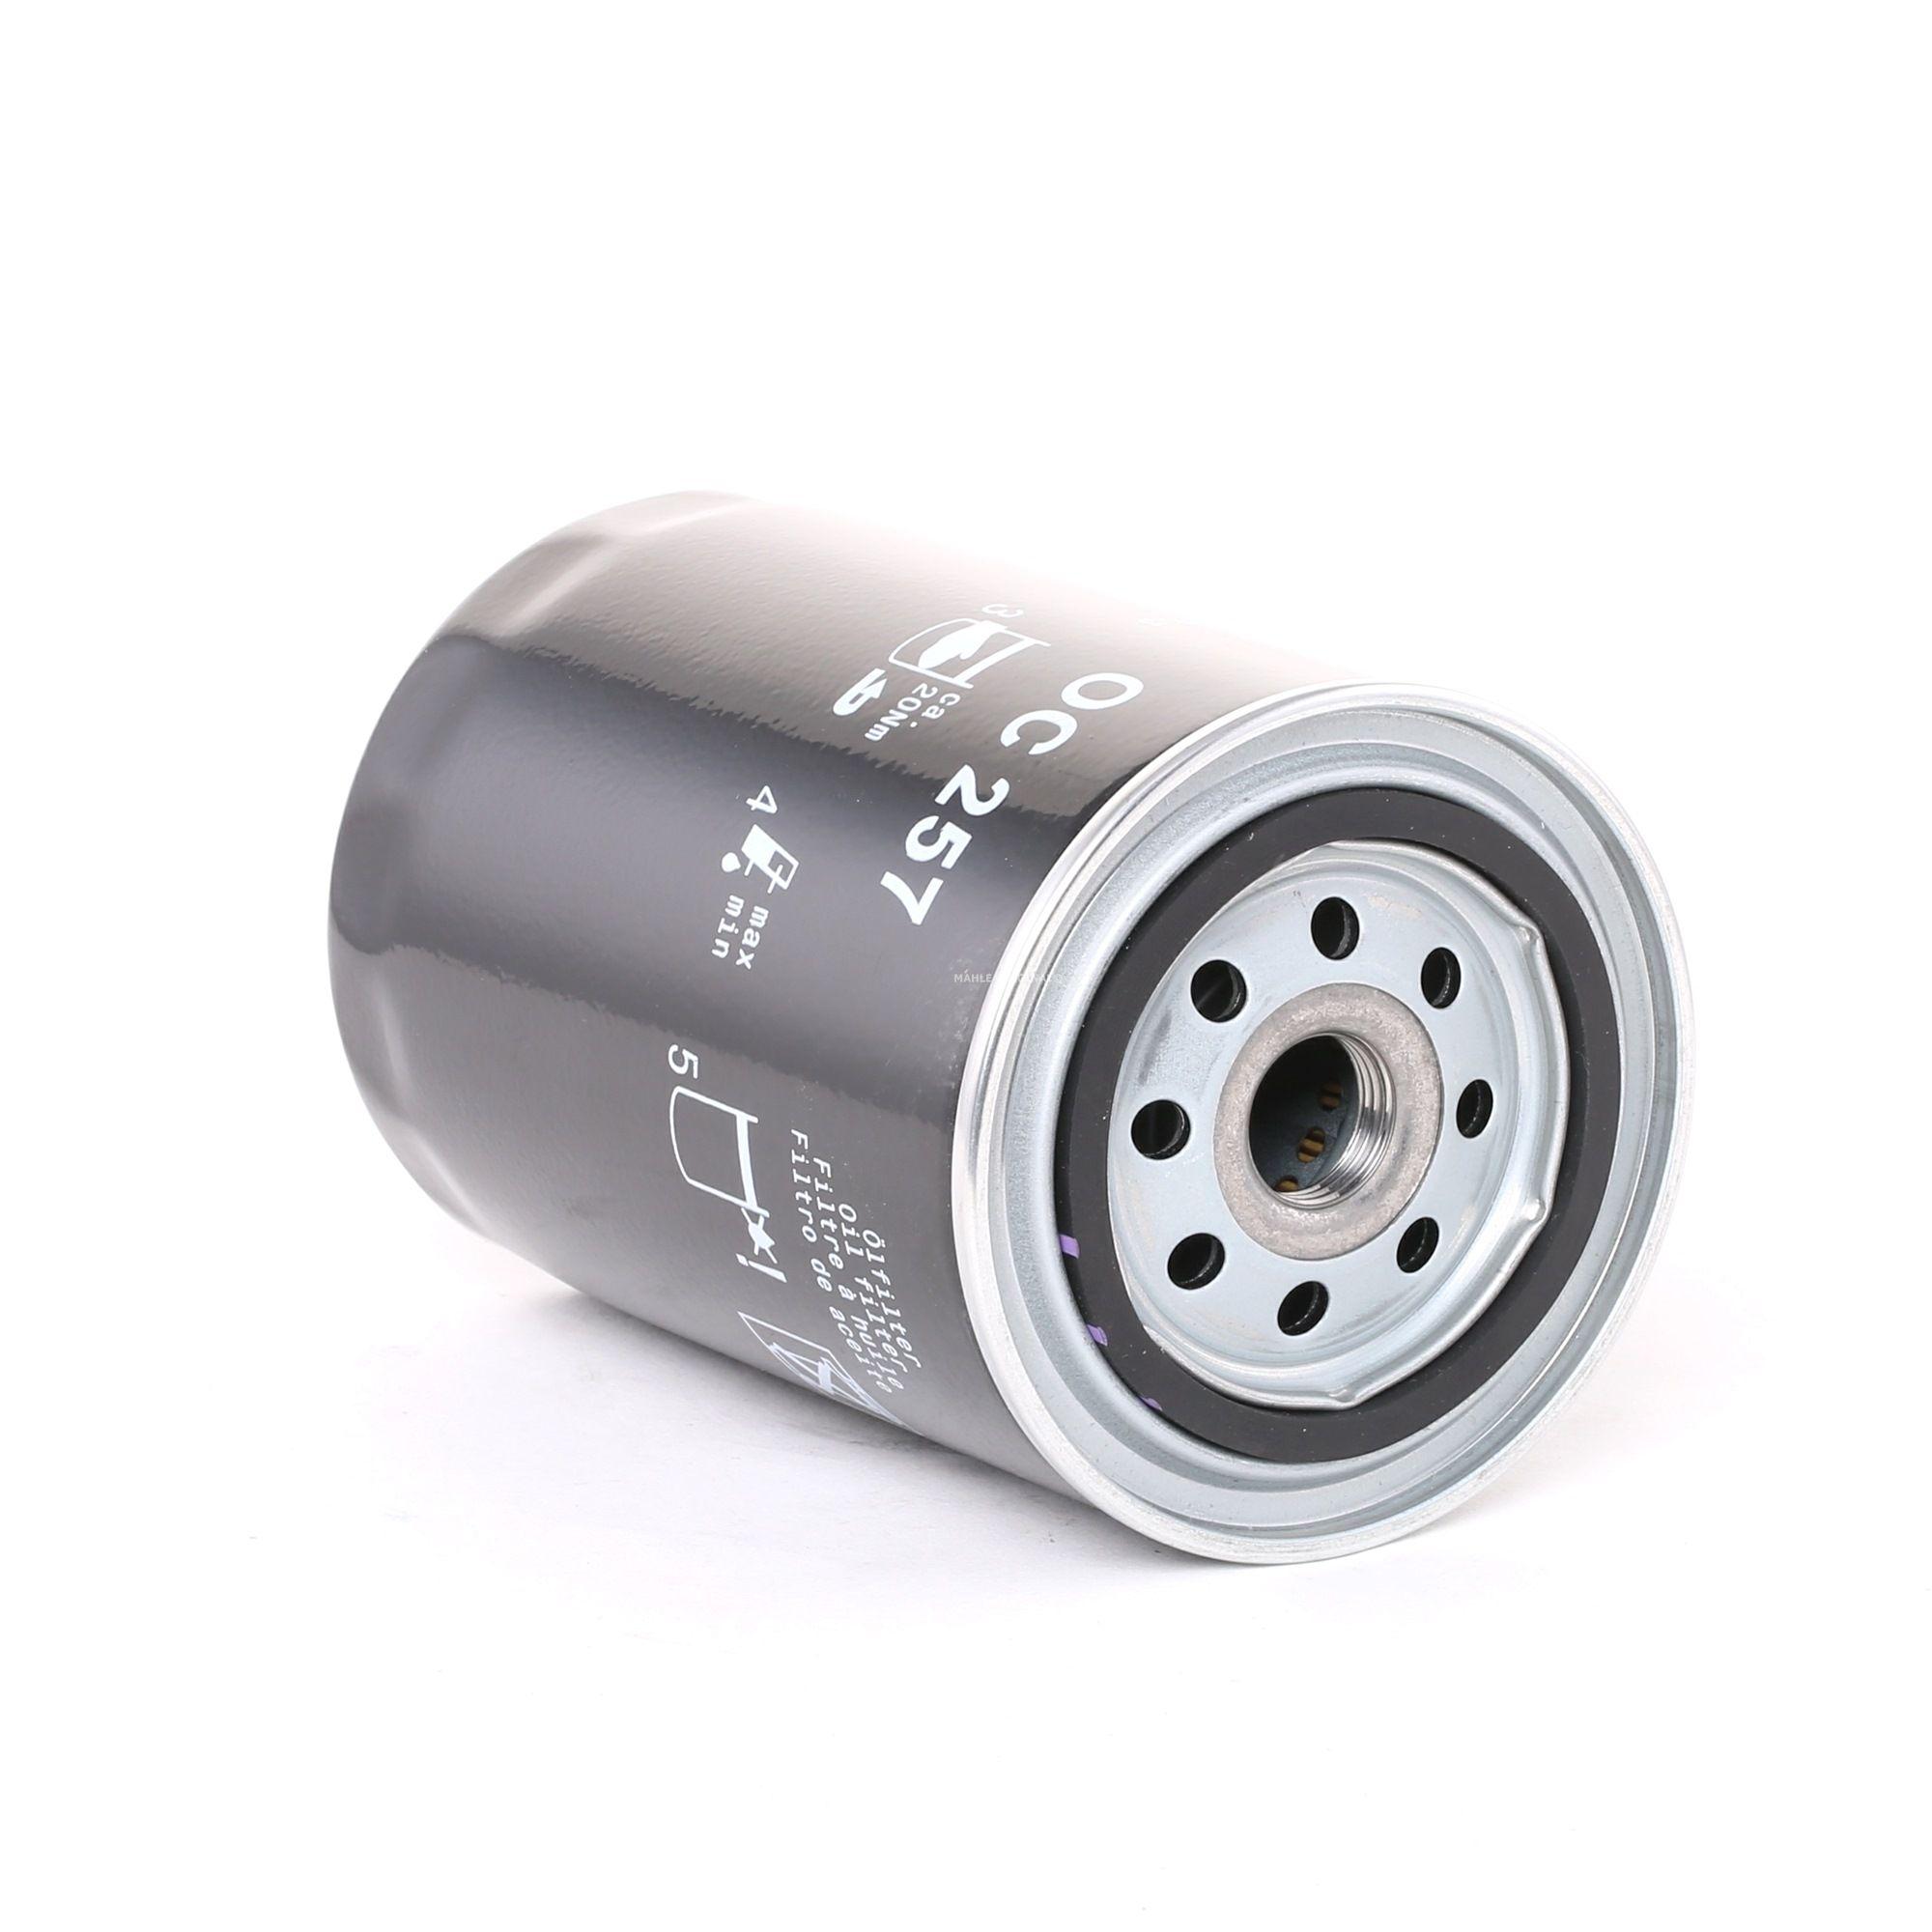 Comprare 79637034 MAHLE ORIGINAL Filtro ad avvitamento Diametro interno 2: 62,0mm, Diametro esterno 1: 72,0mm, Ø: 93,2mm, Alt.: 141,0mm Filtro olio OC 257 poco costoso